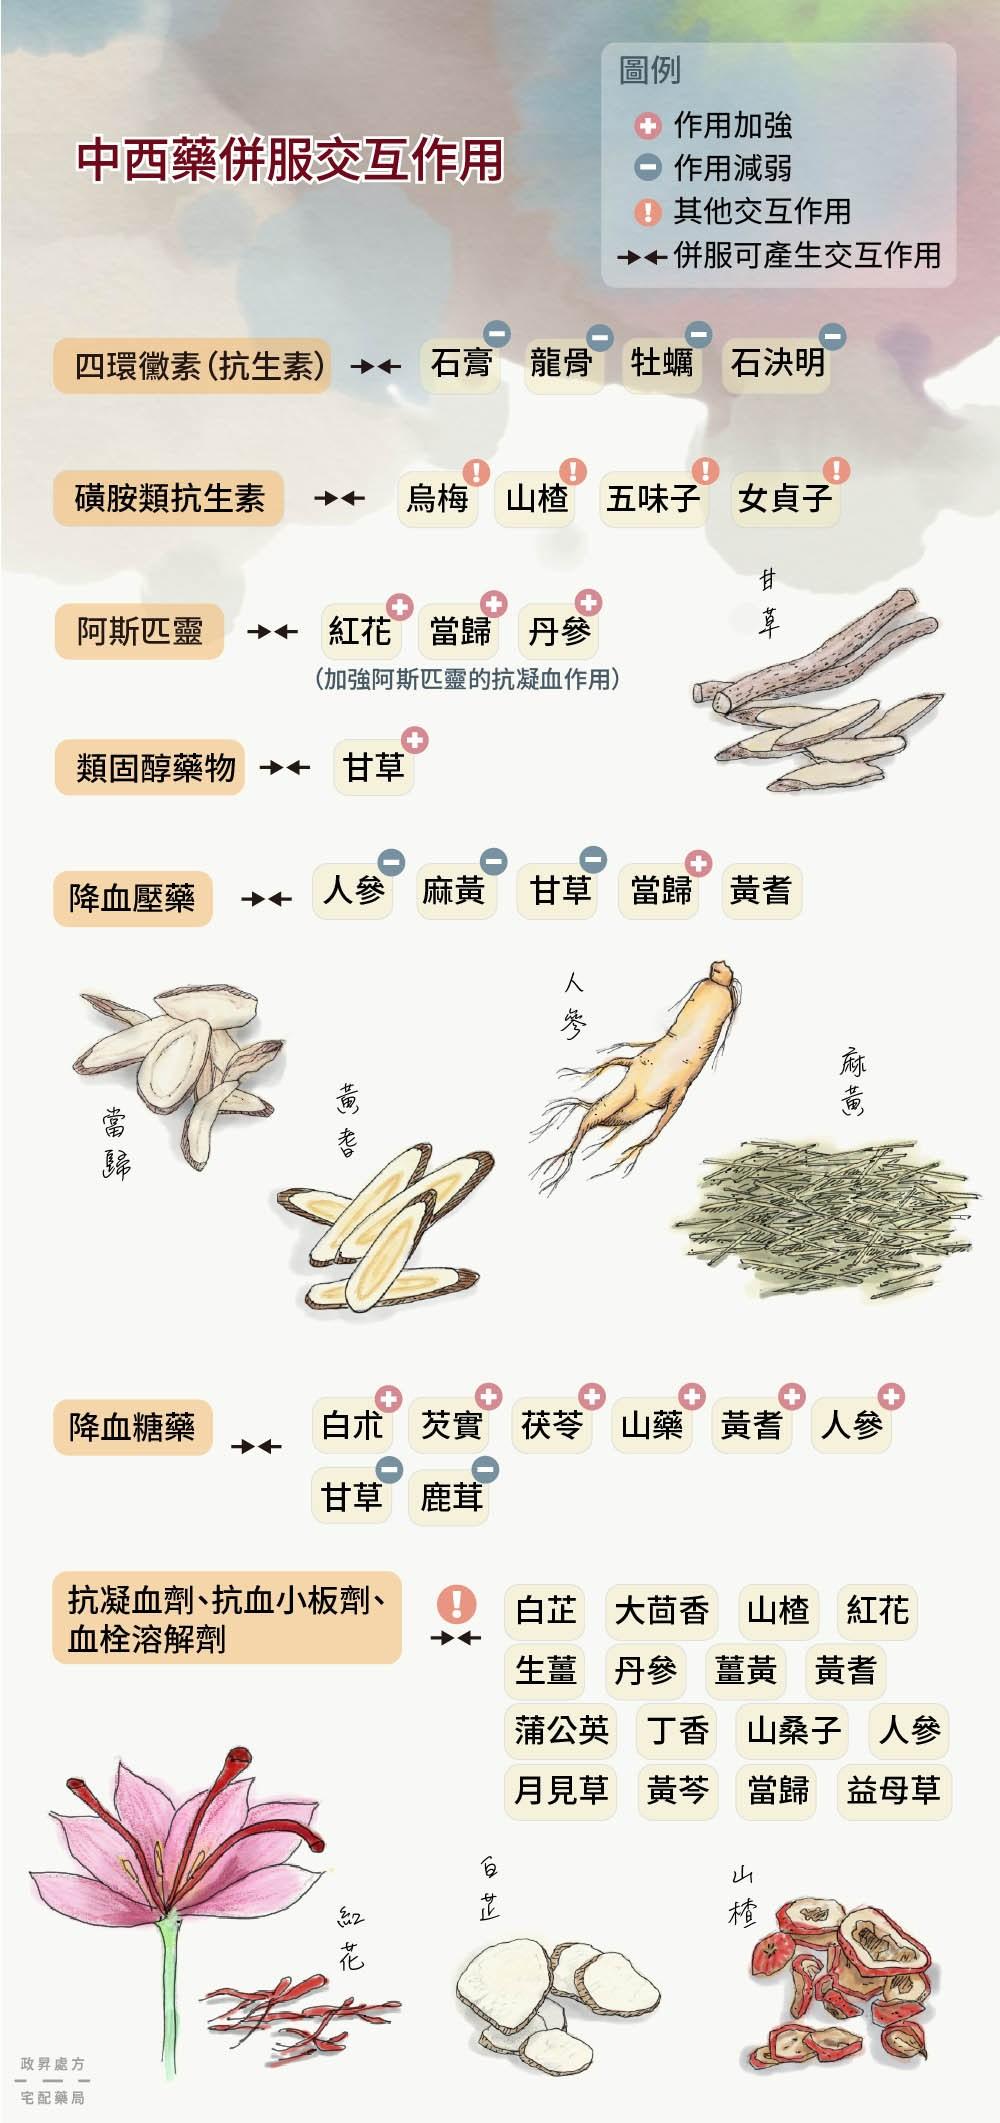 常見中西藥交互作用